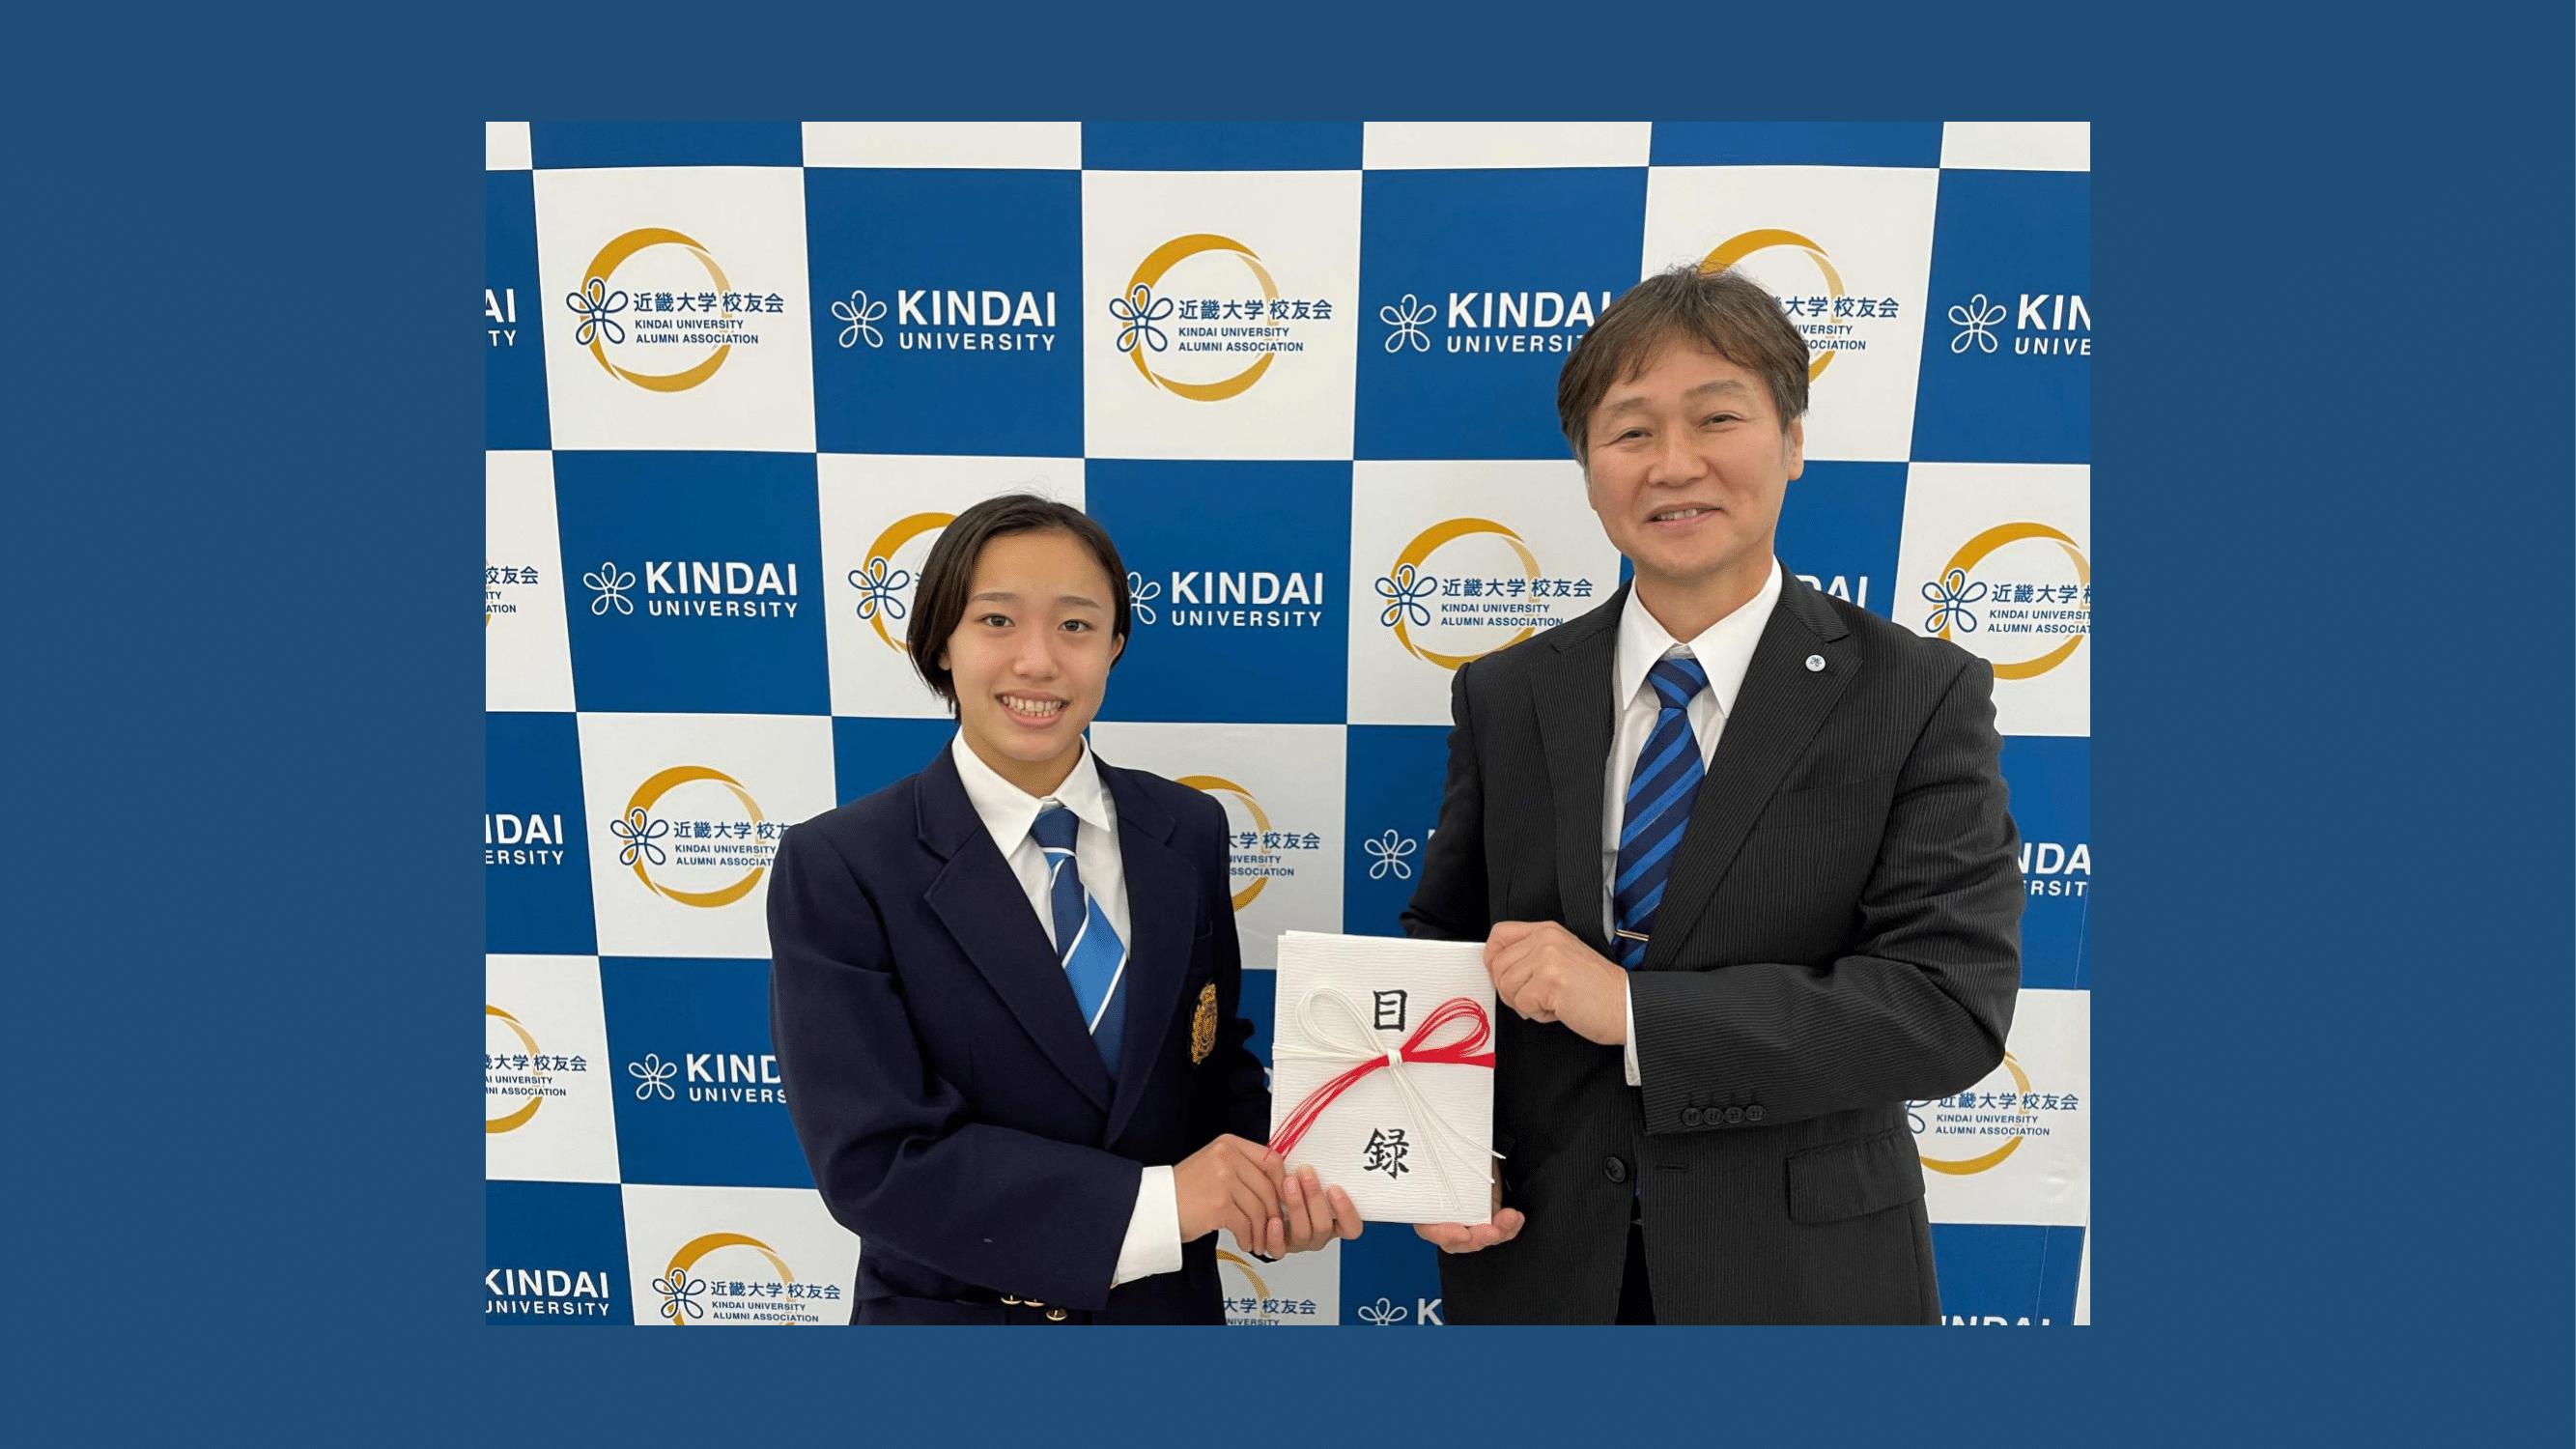 【ご報告】第96回 日本選手権水泳競技大会 女子シンクロナイズド3m飛板飛び込み優勝に伴う授与式について